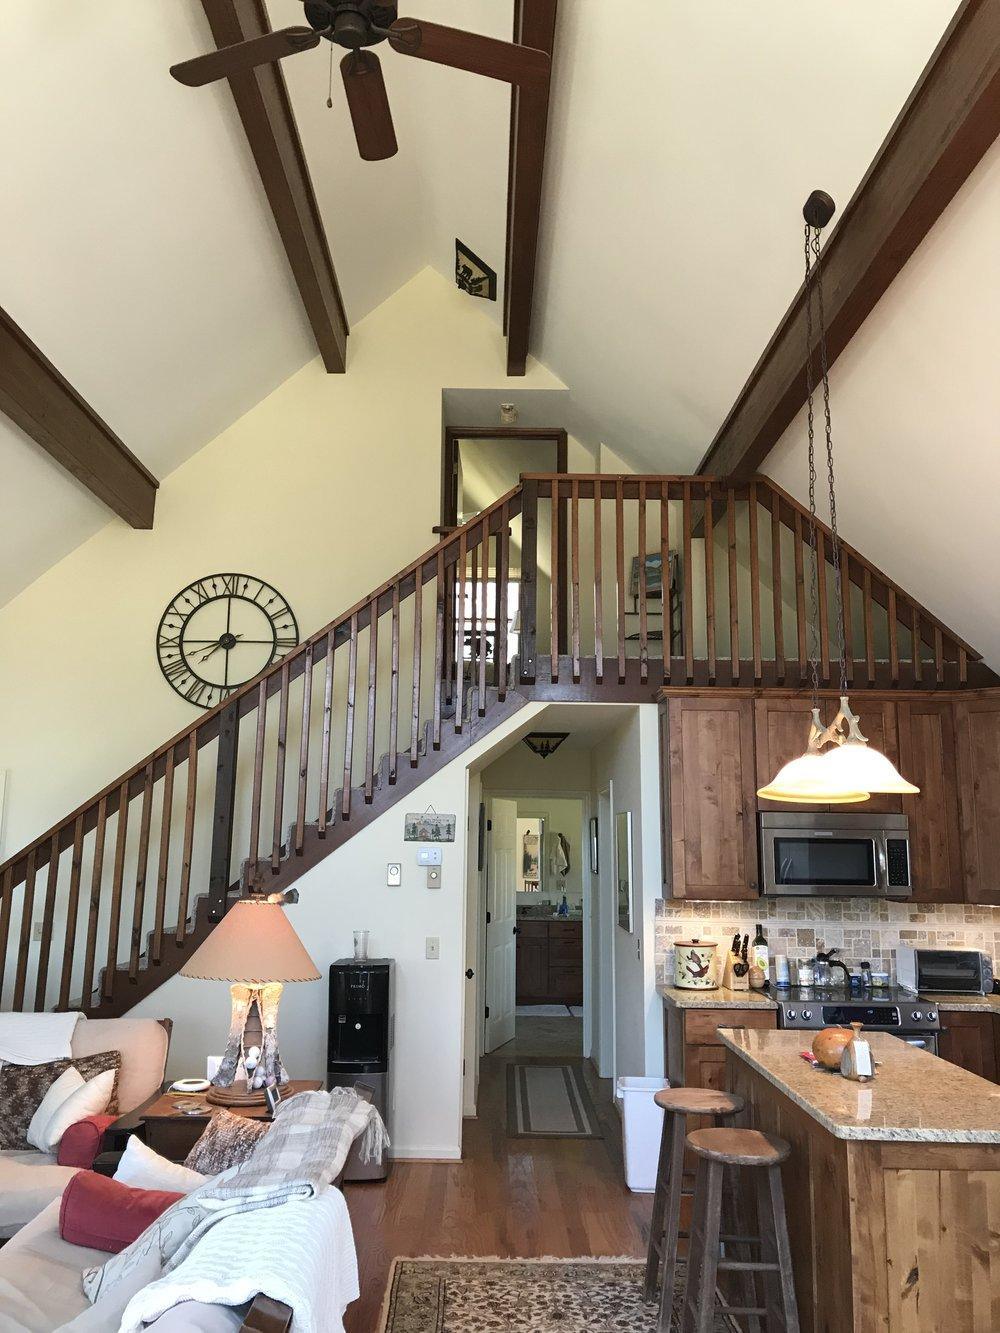 Stairwell to Upstairs Bedroom 23.JPG